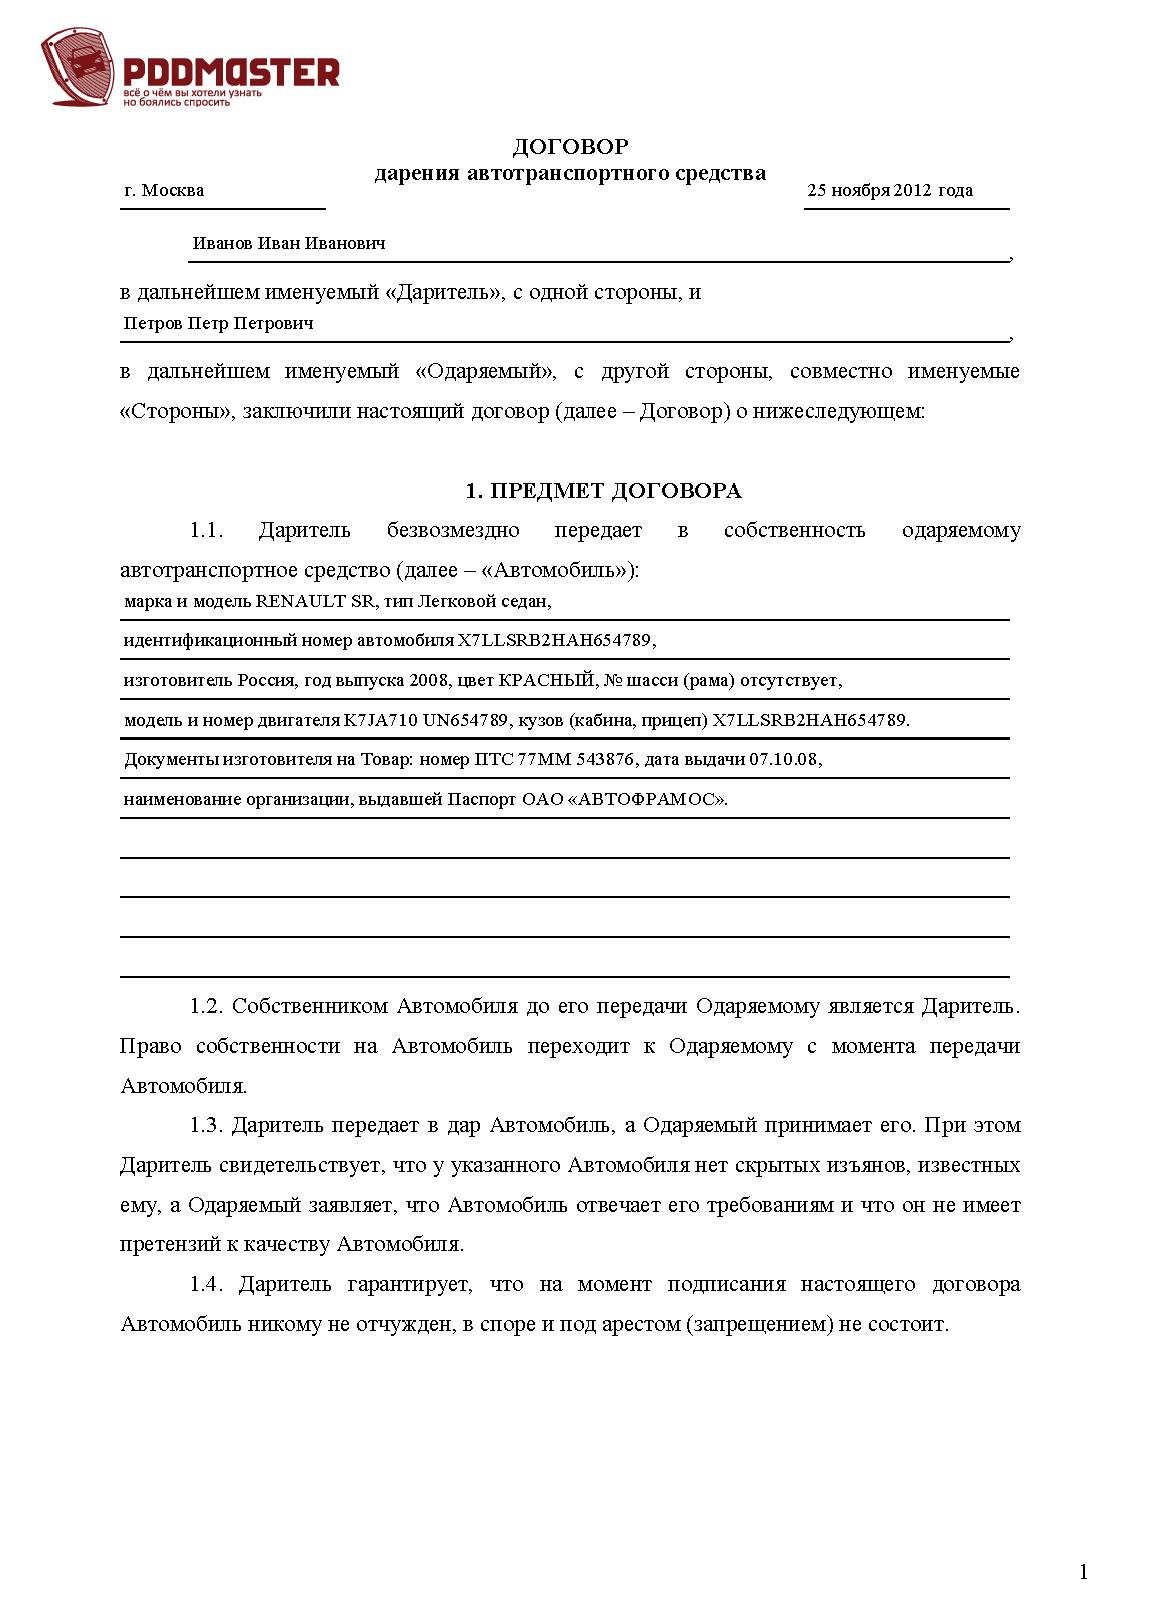 Образец договора дарения автомобиля